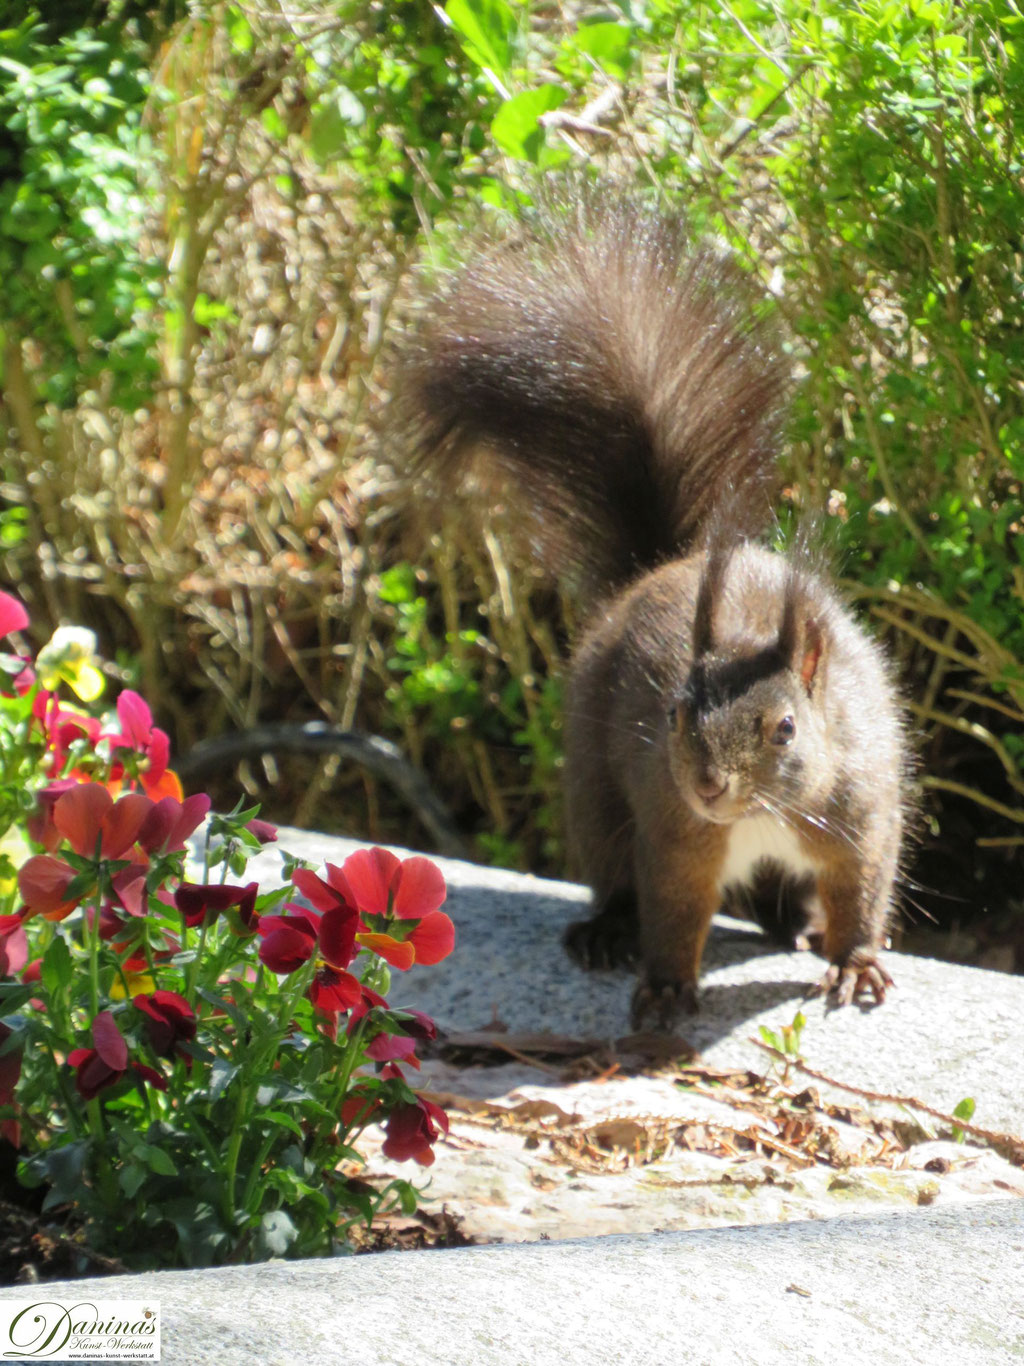 Eichhörnchen auf Nahrungssuche im Blumenbeet